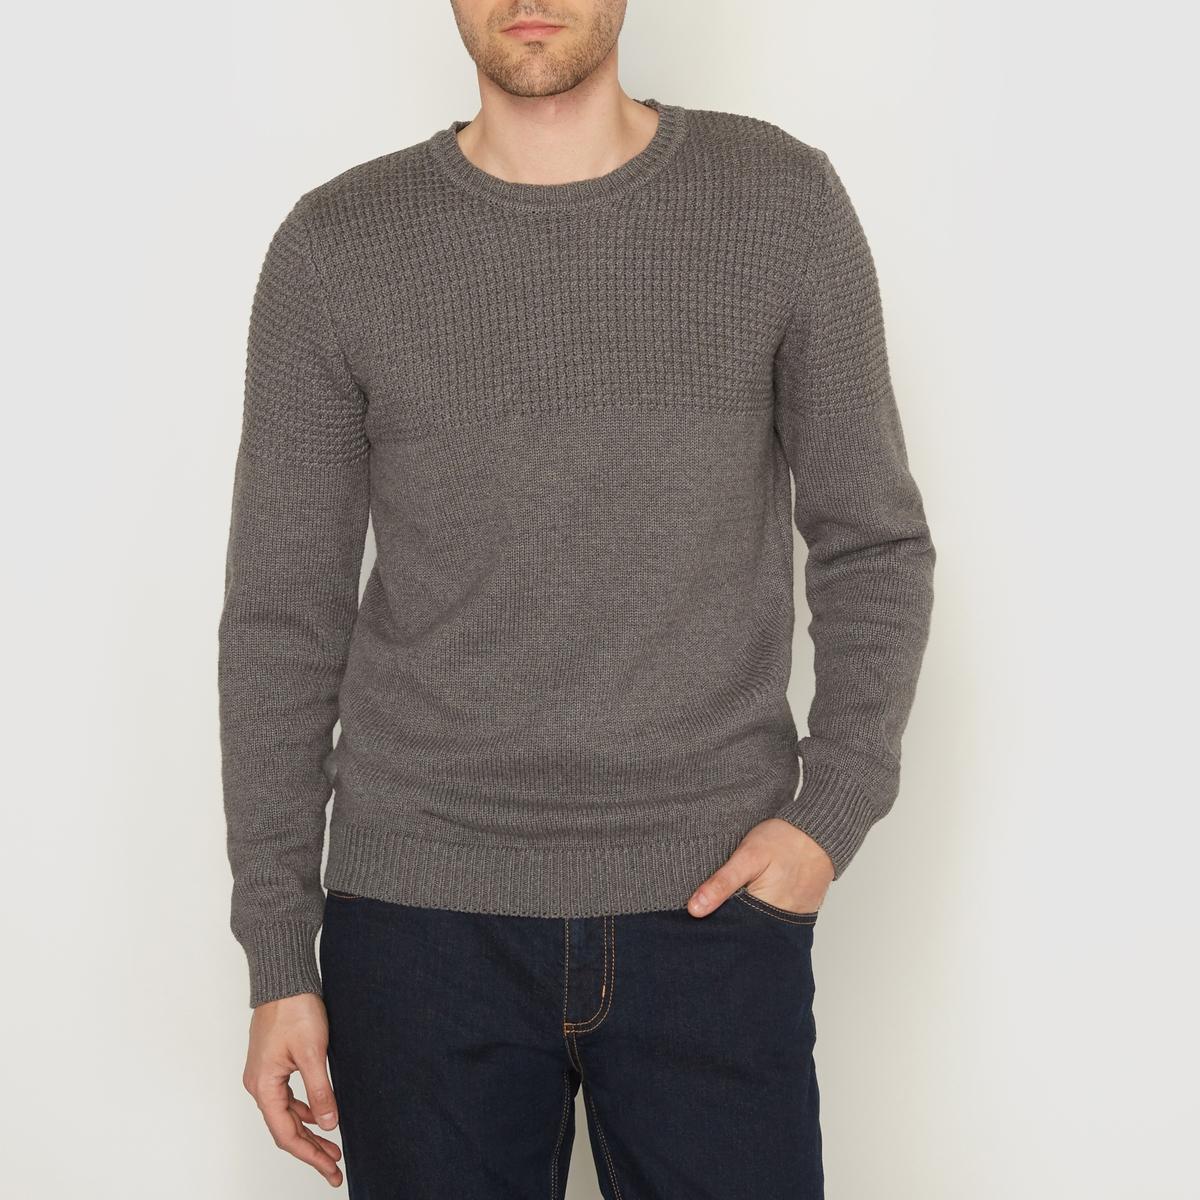 Пуловер из трикотажа мулинеСостав и описание:Материал: 100% хлопка.Длина: 68 см.Марка : R edition<br><br>Цвет: серый меланж<br>Размер: S.M.XXL